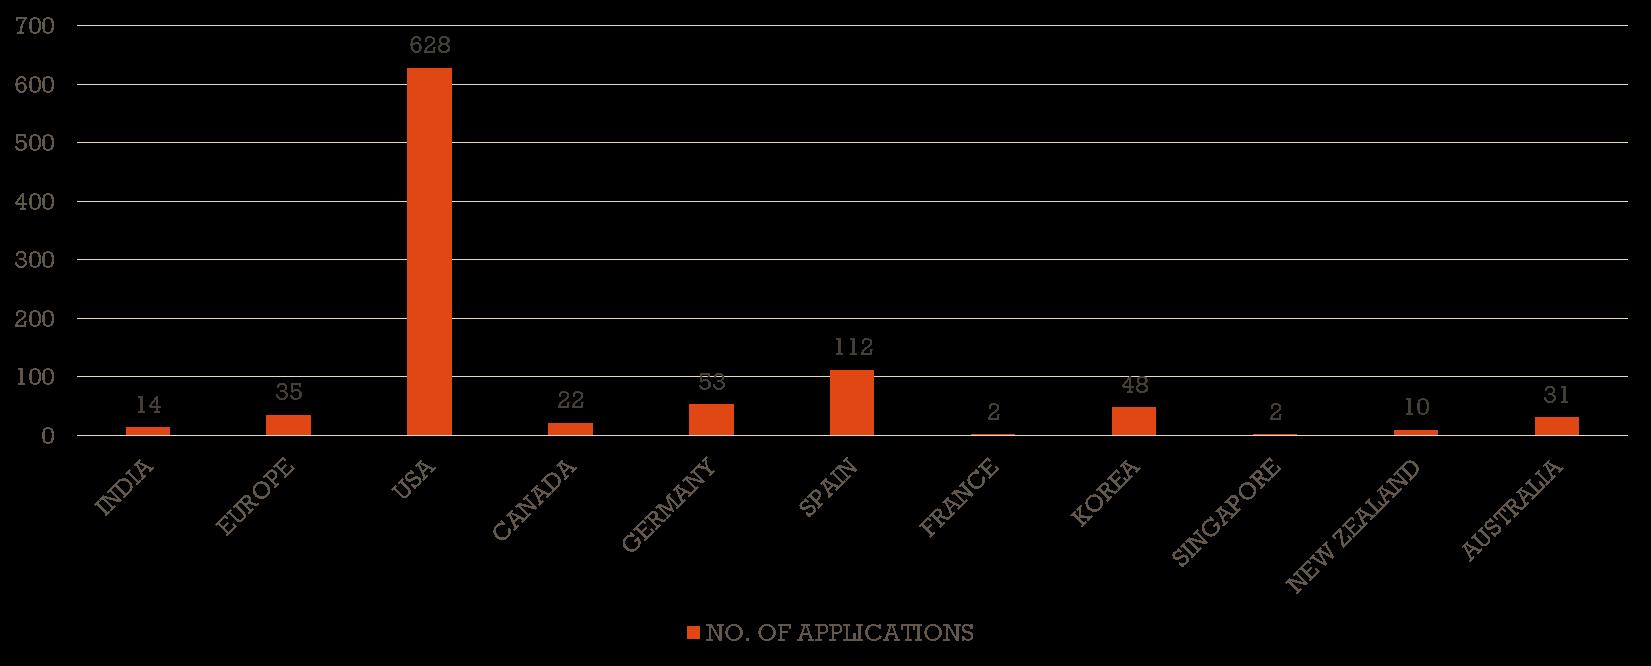 wipo-graph